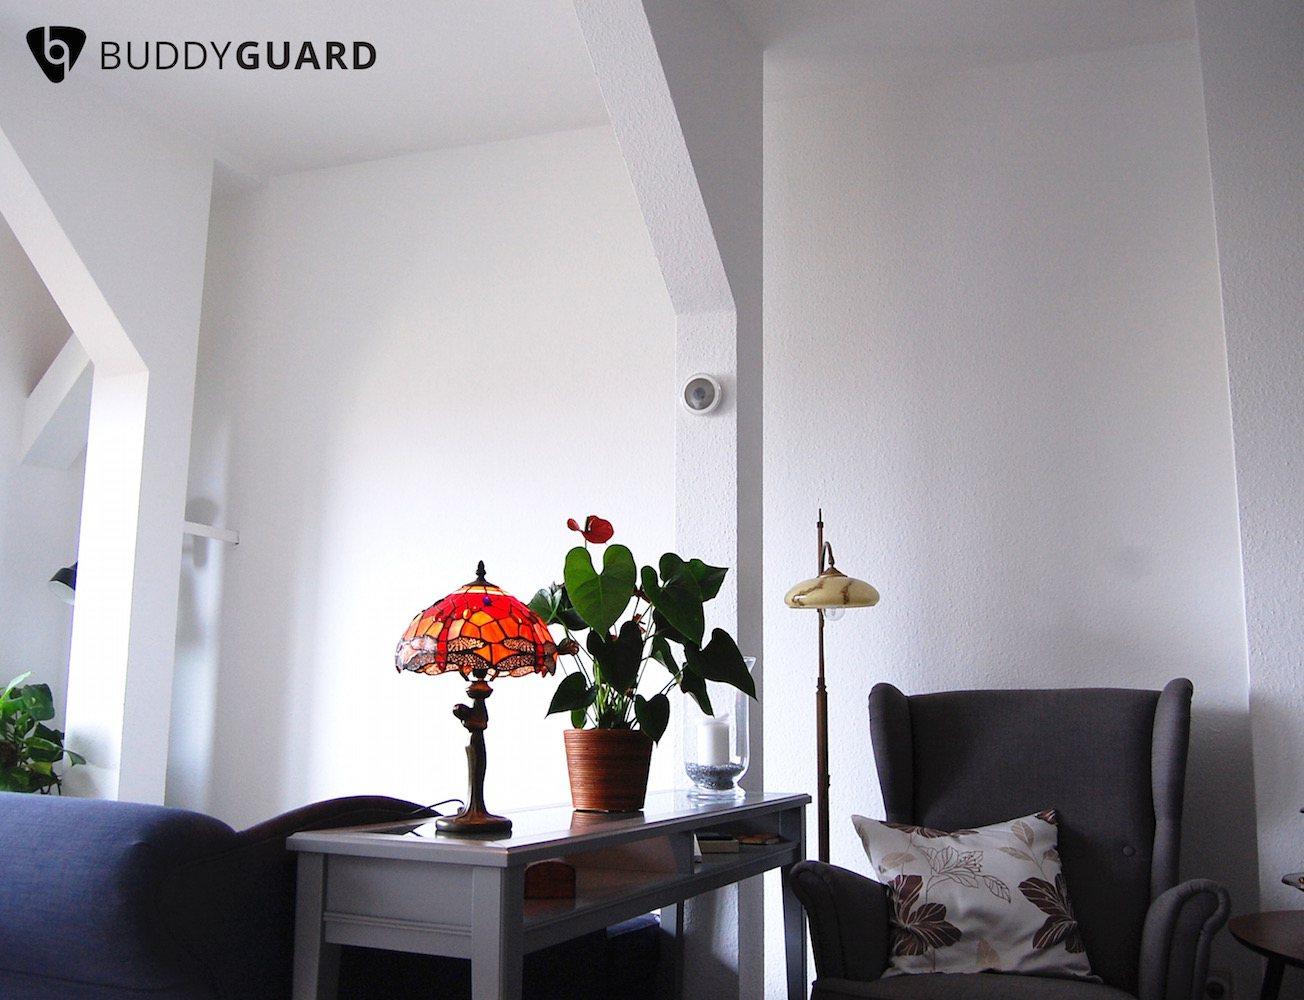 buddyguard-flare-home-security-03